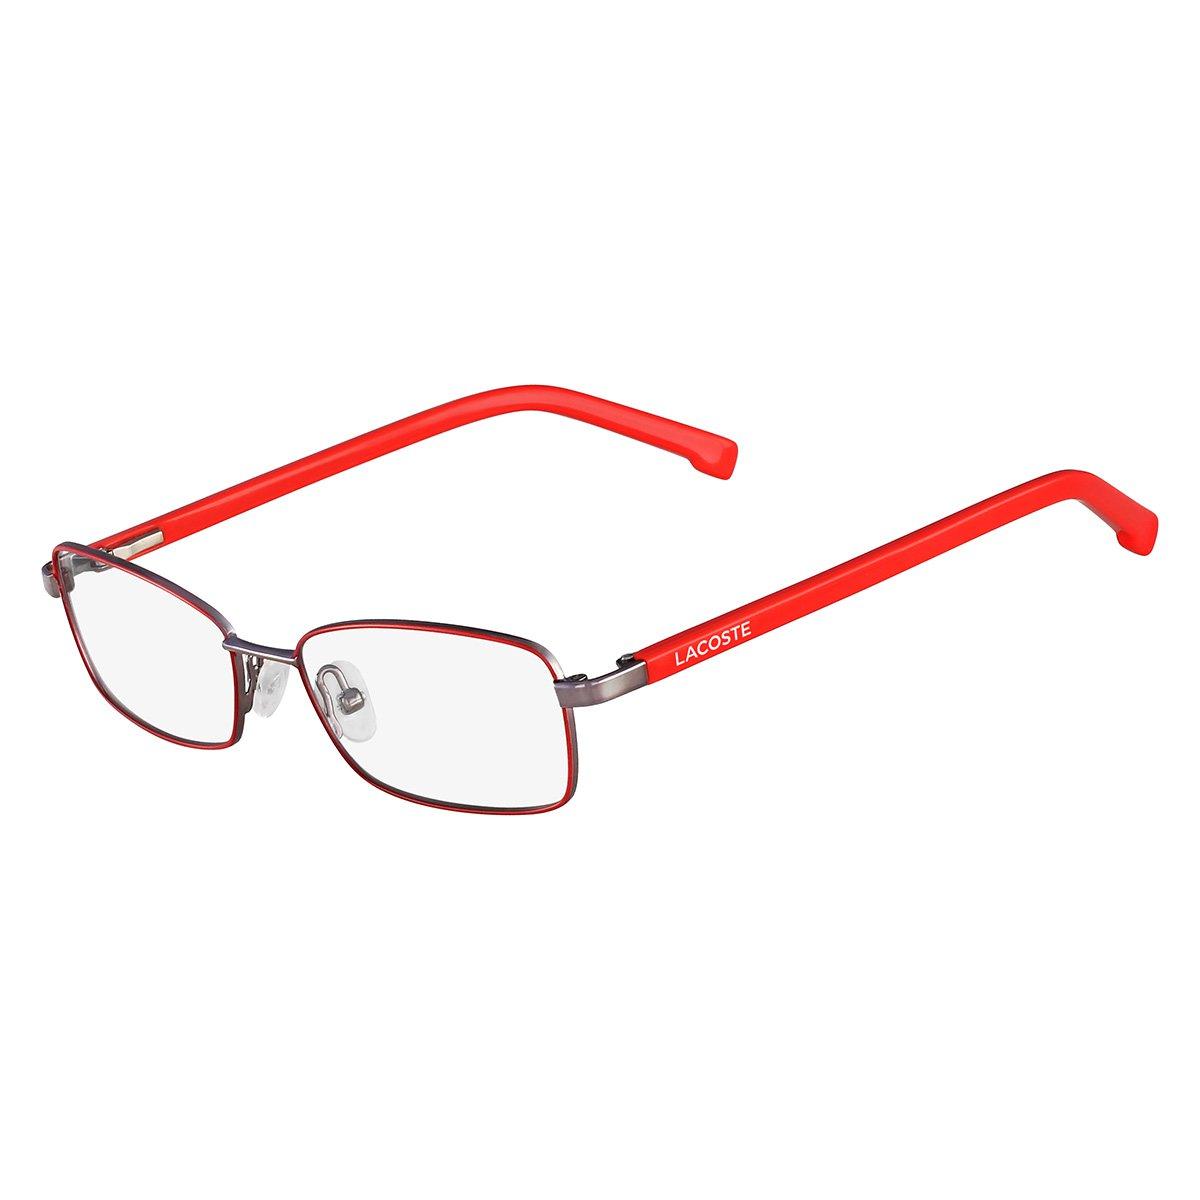 Armação De Óculos Lacoste L3102 045 Feminino